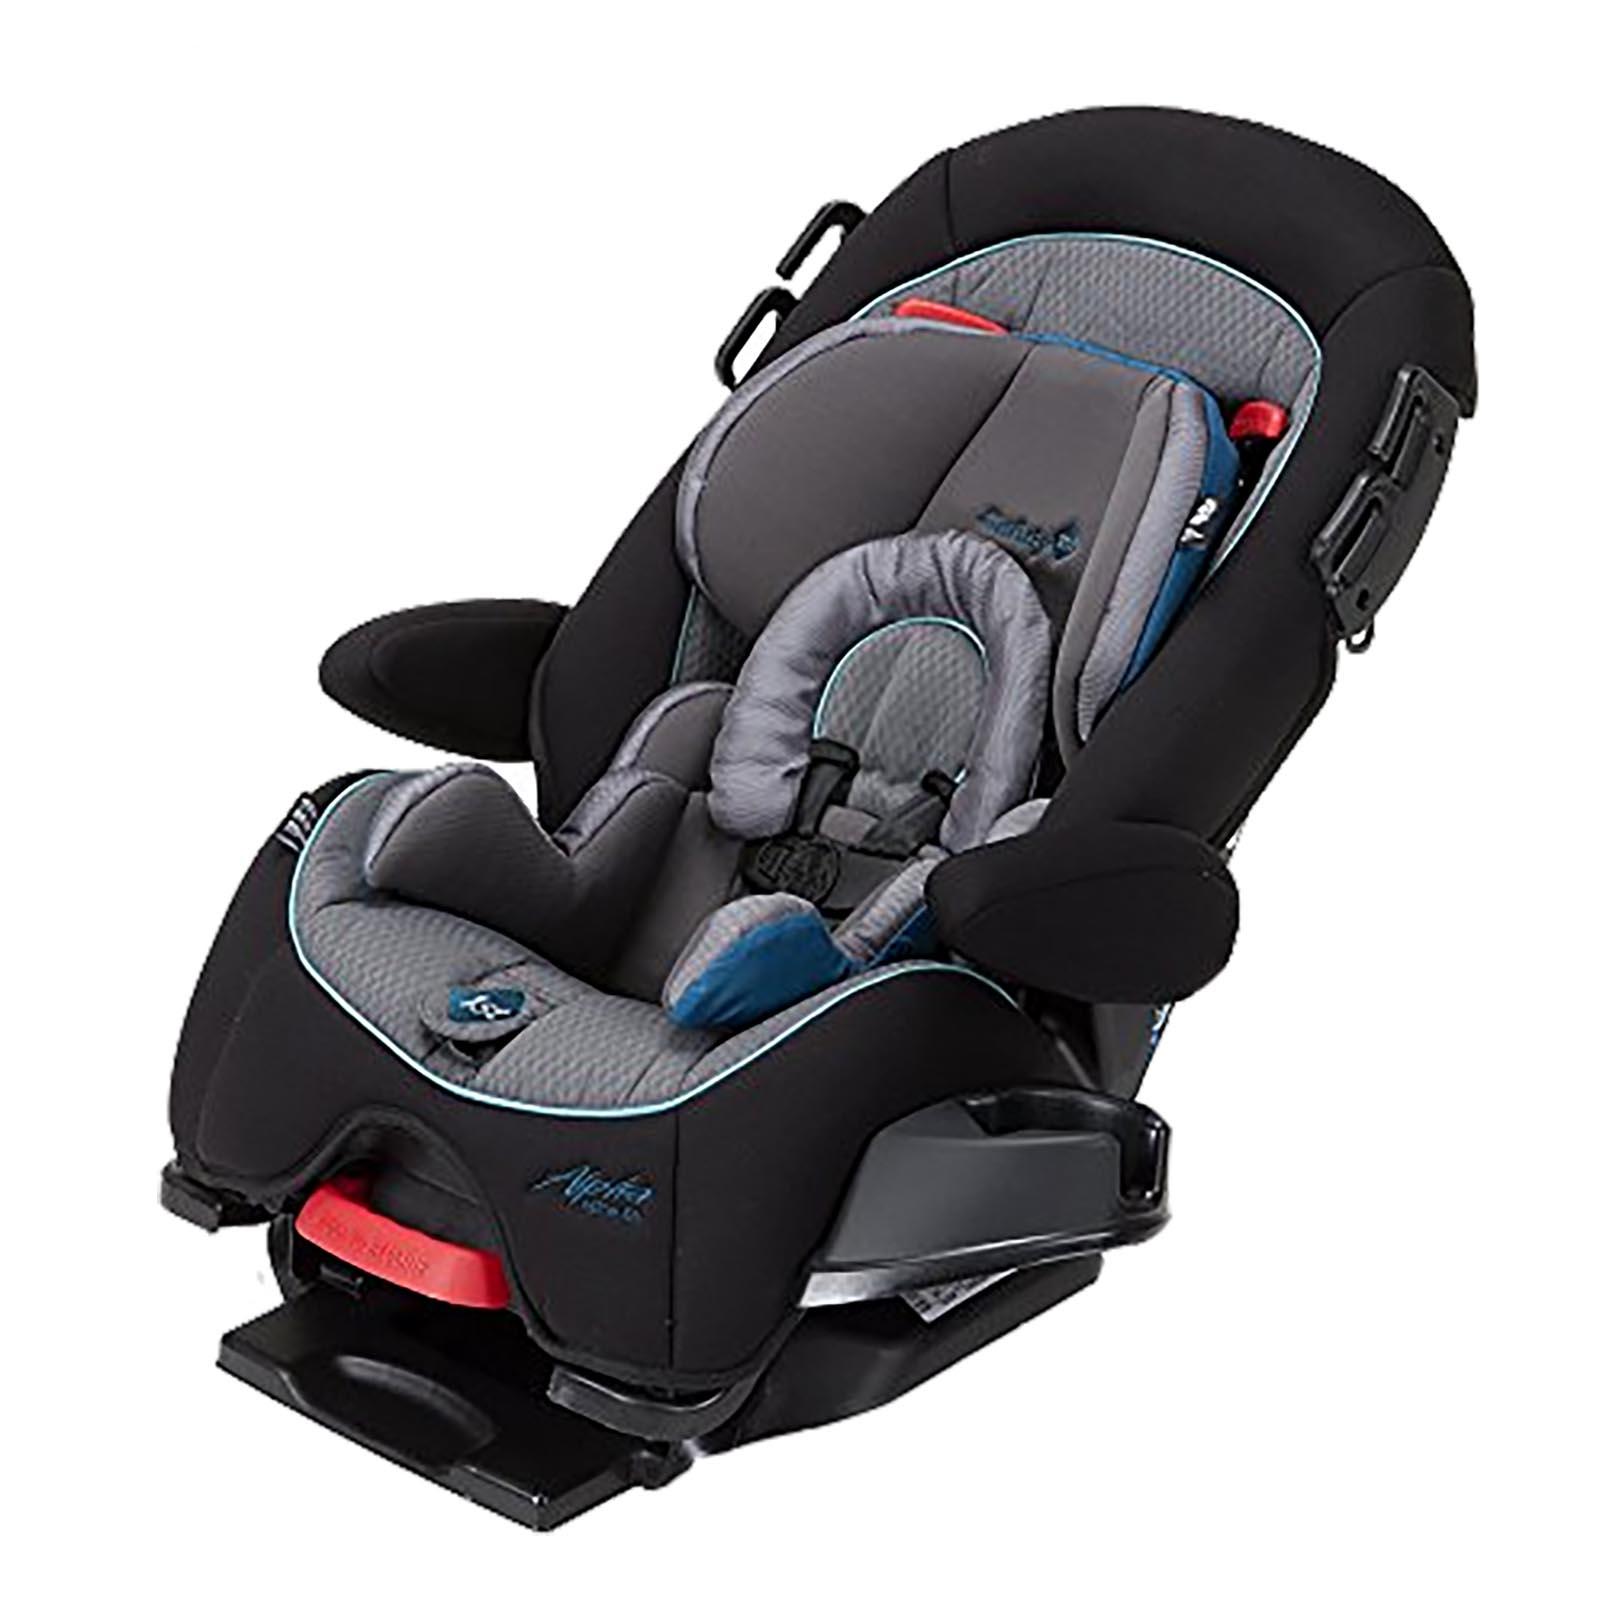 safety 1st alpha elite 65 convertible 3 in 1 infant baby booster car seat warren ebay. Black Bedroom Furniture Sets. Home Design Ideas